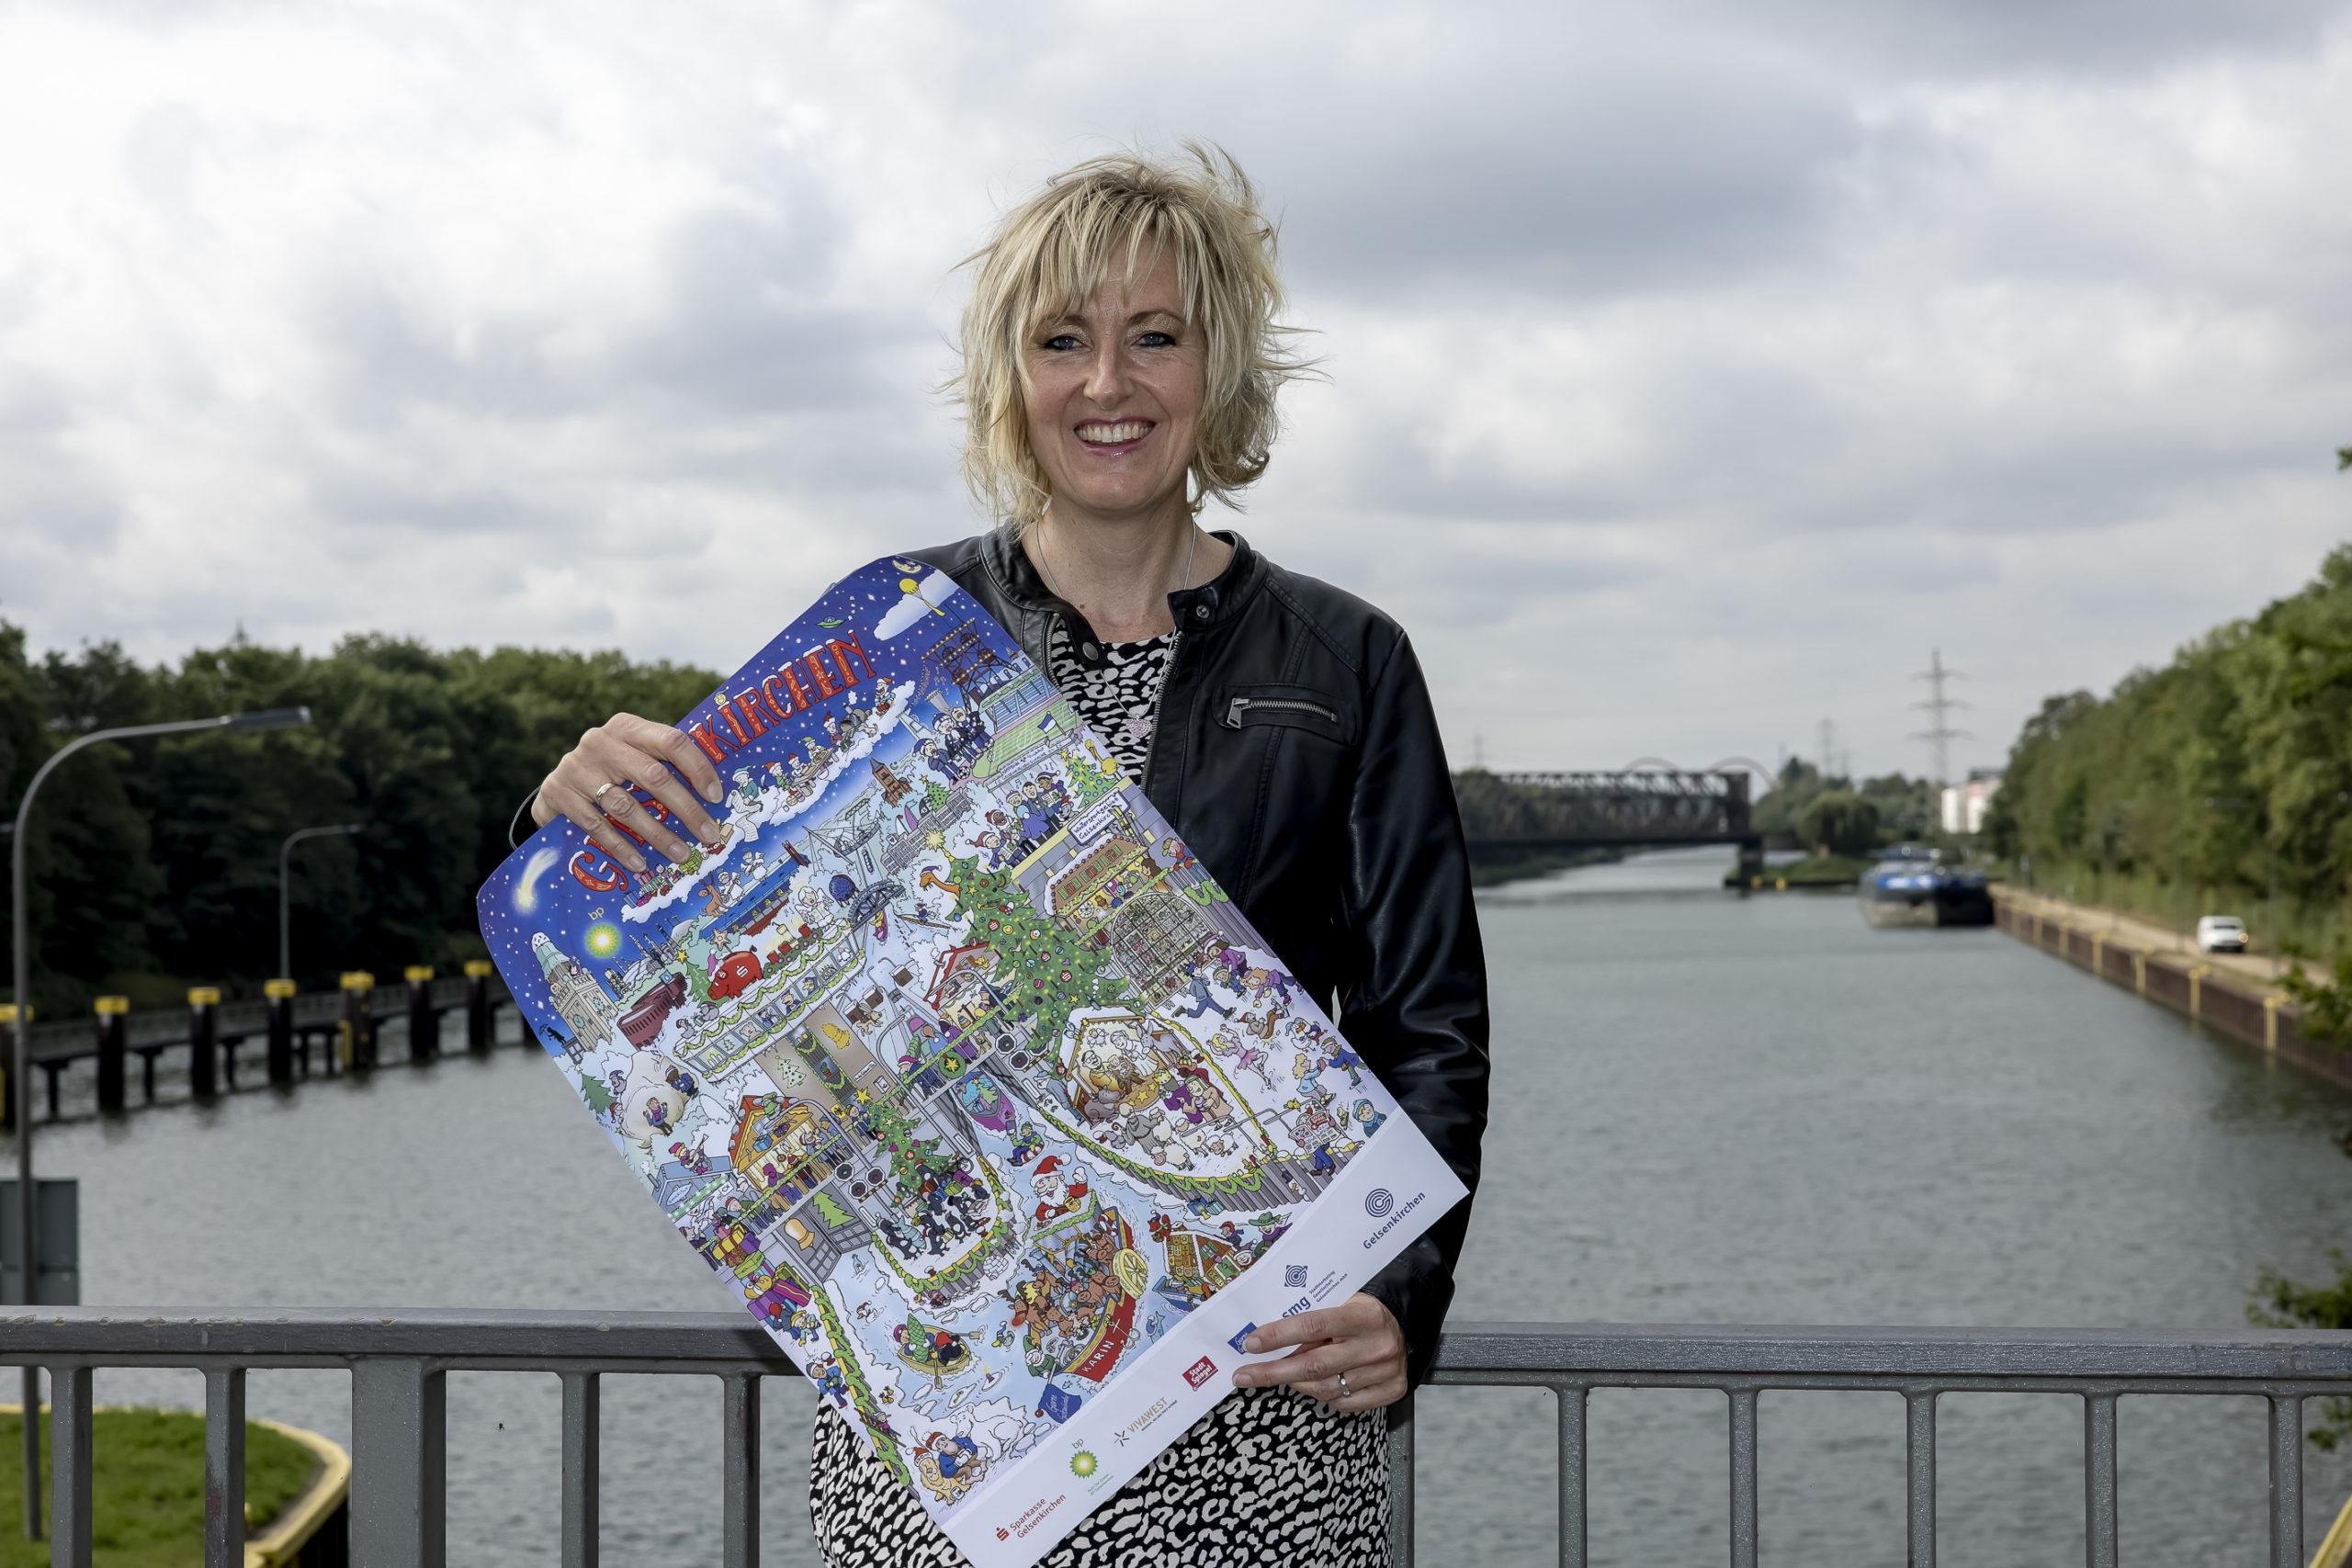 Ab 12. Oktober ist der Gelsenkirchener Adventskalenders 2021 erhältlich. Die siebte Auflage zeigt die Schleuse und den Rhein-Herne-Kanal.